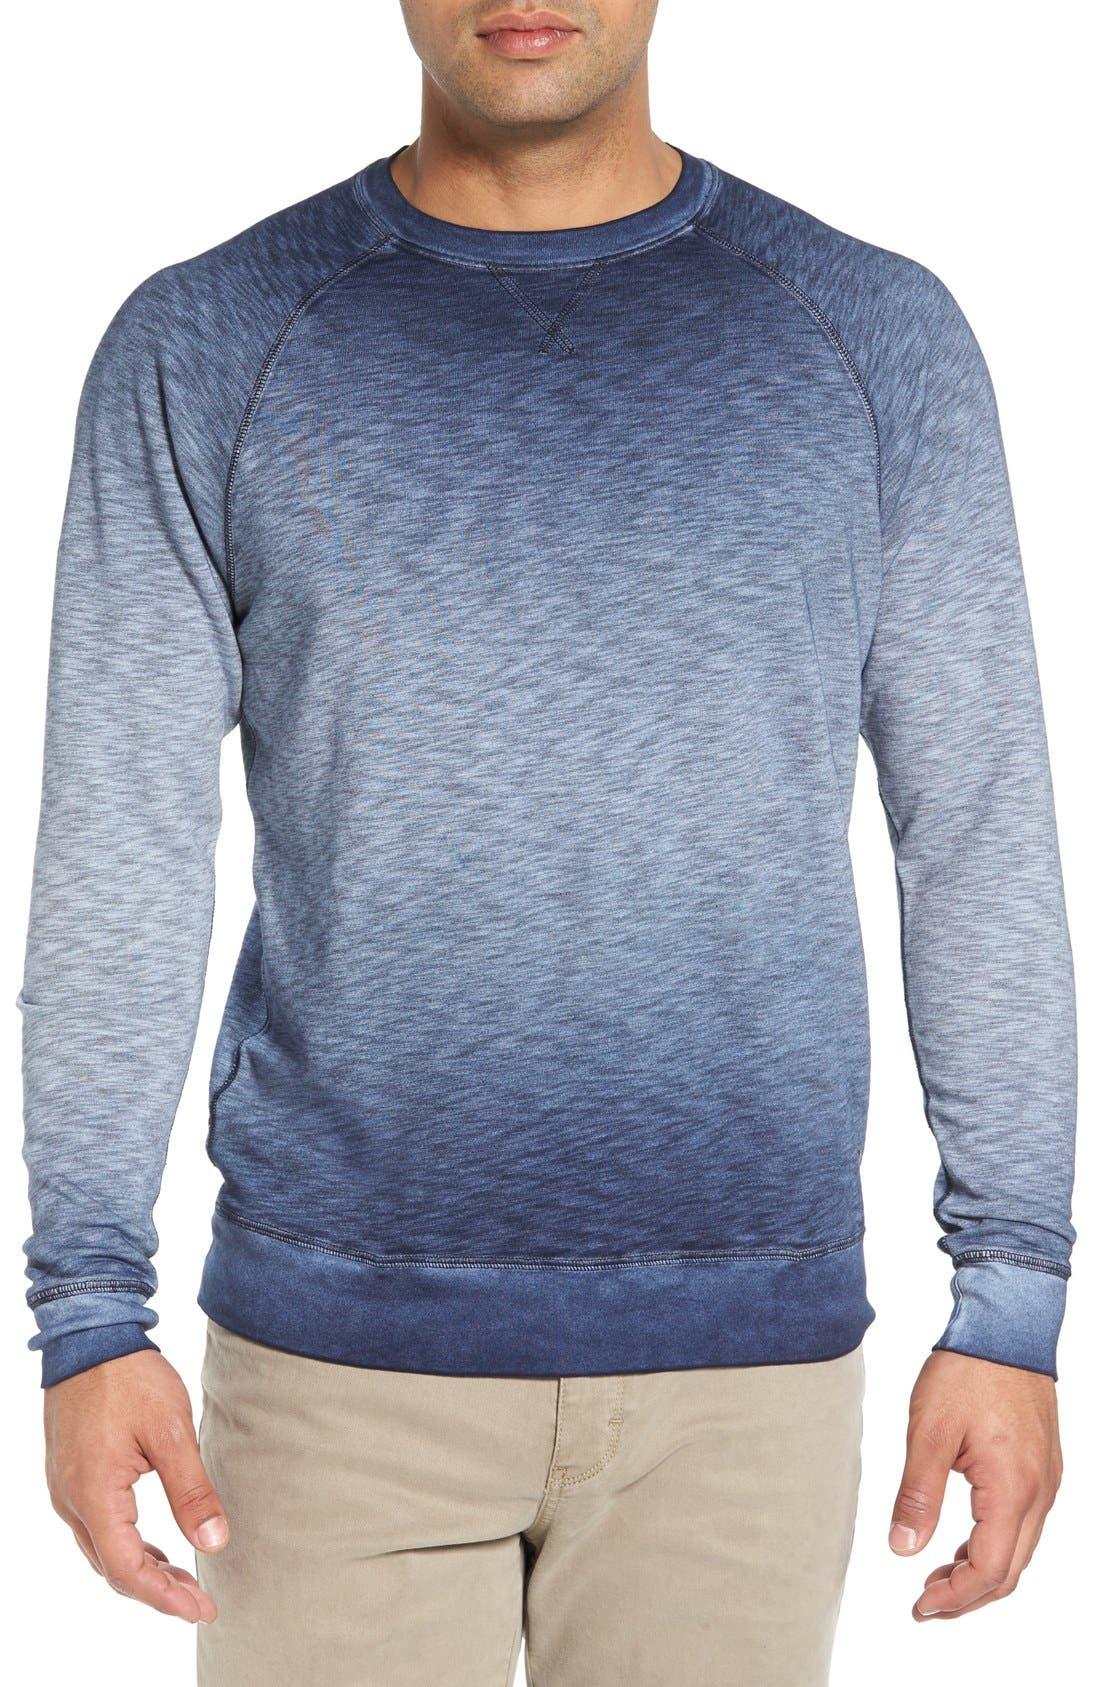 'Santiago' Ombré Crewneck Sweatshirt,                             Main thumbnail 1, color,